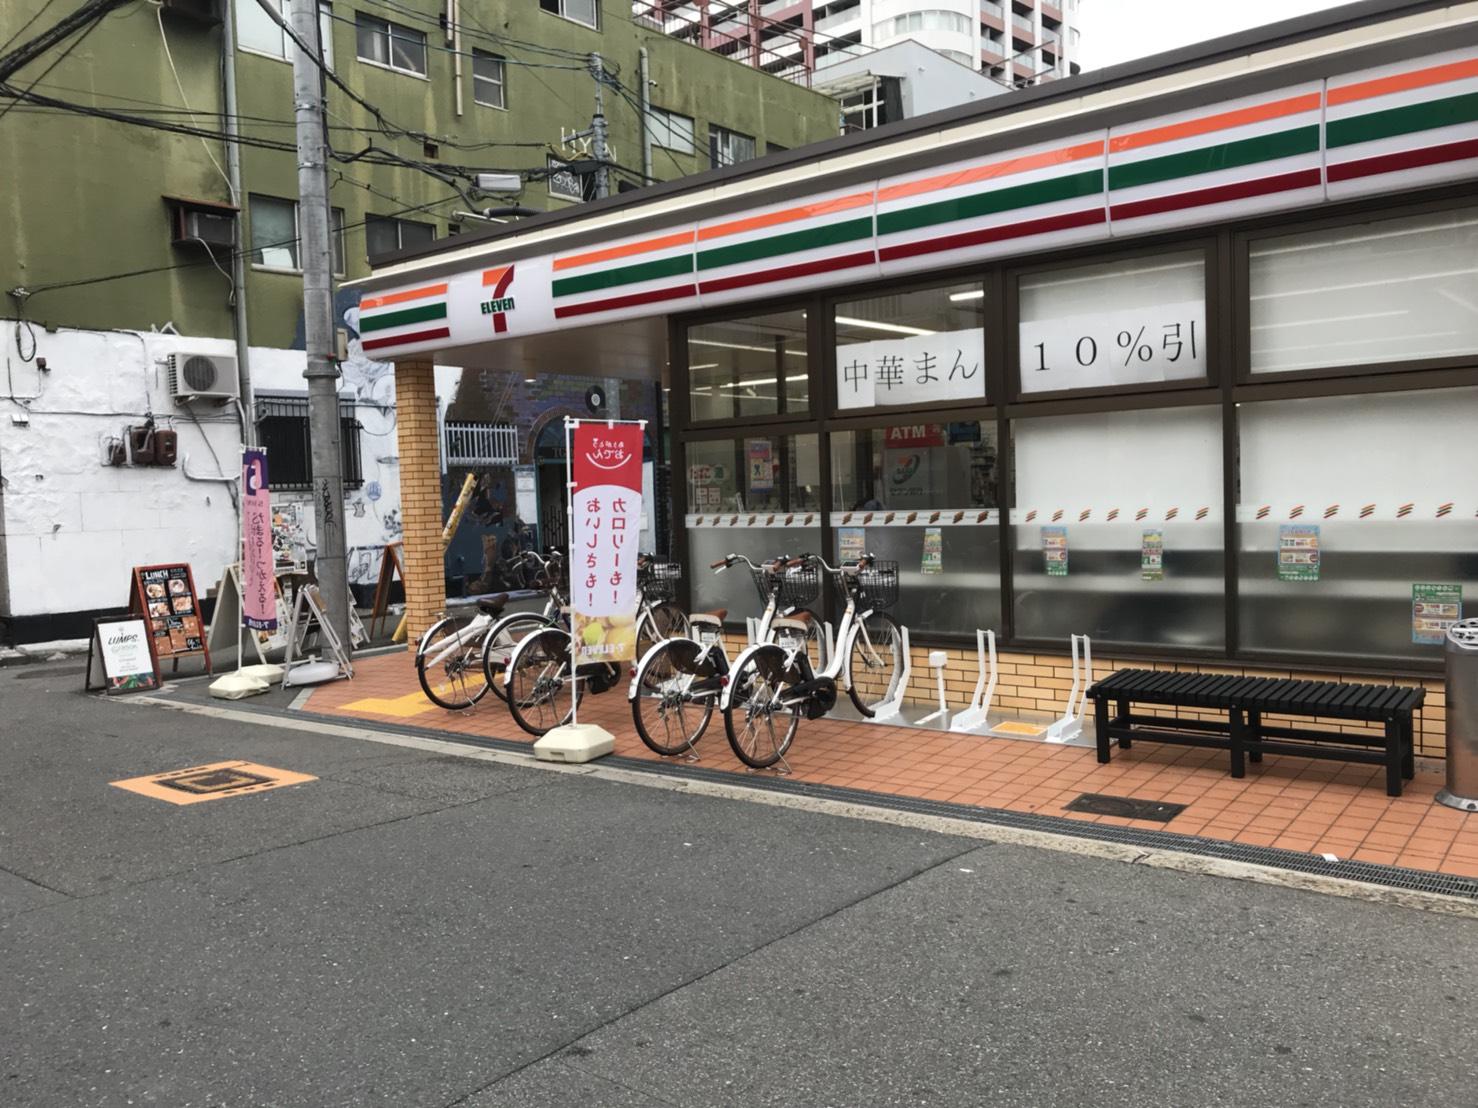 セブンイレブン 大阪鶴野東店 (HELLO CYCLING ポート) image